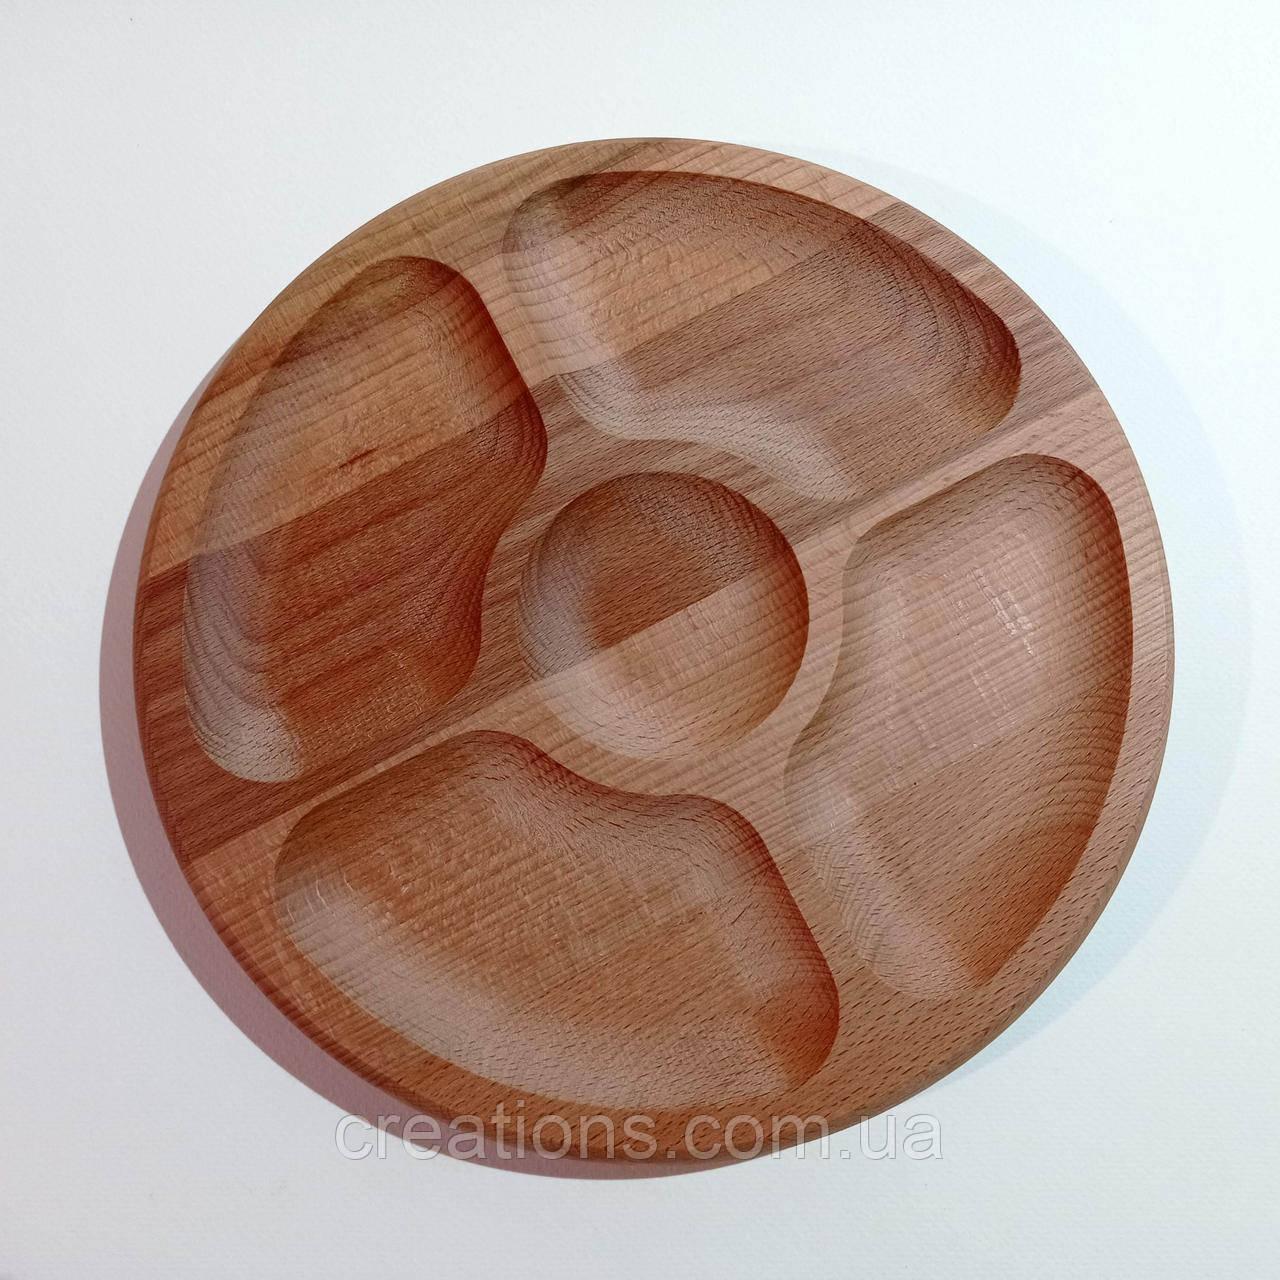 Менажница деревянная круглая 26 см. на 4 секции с соусницей из бука